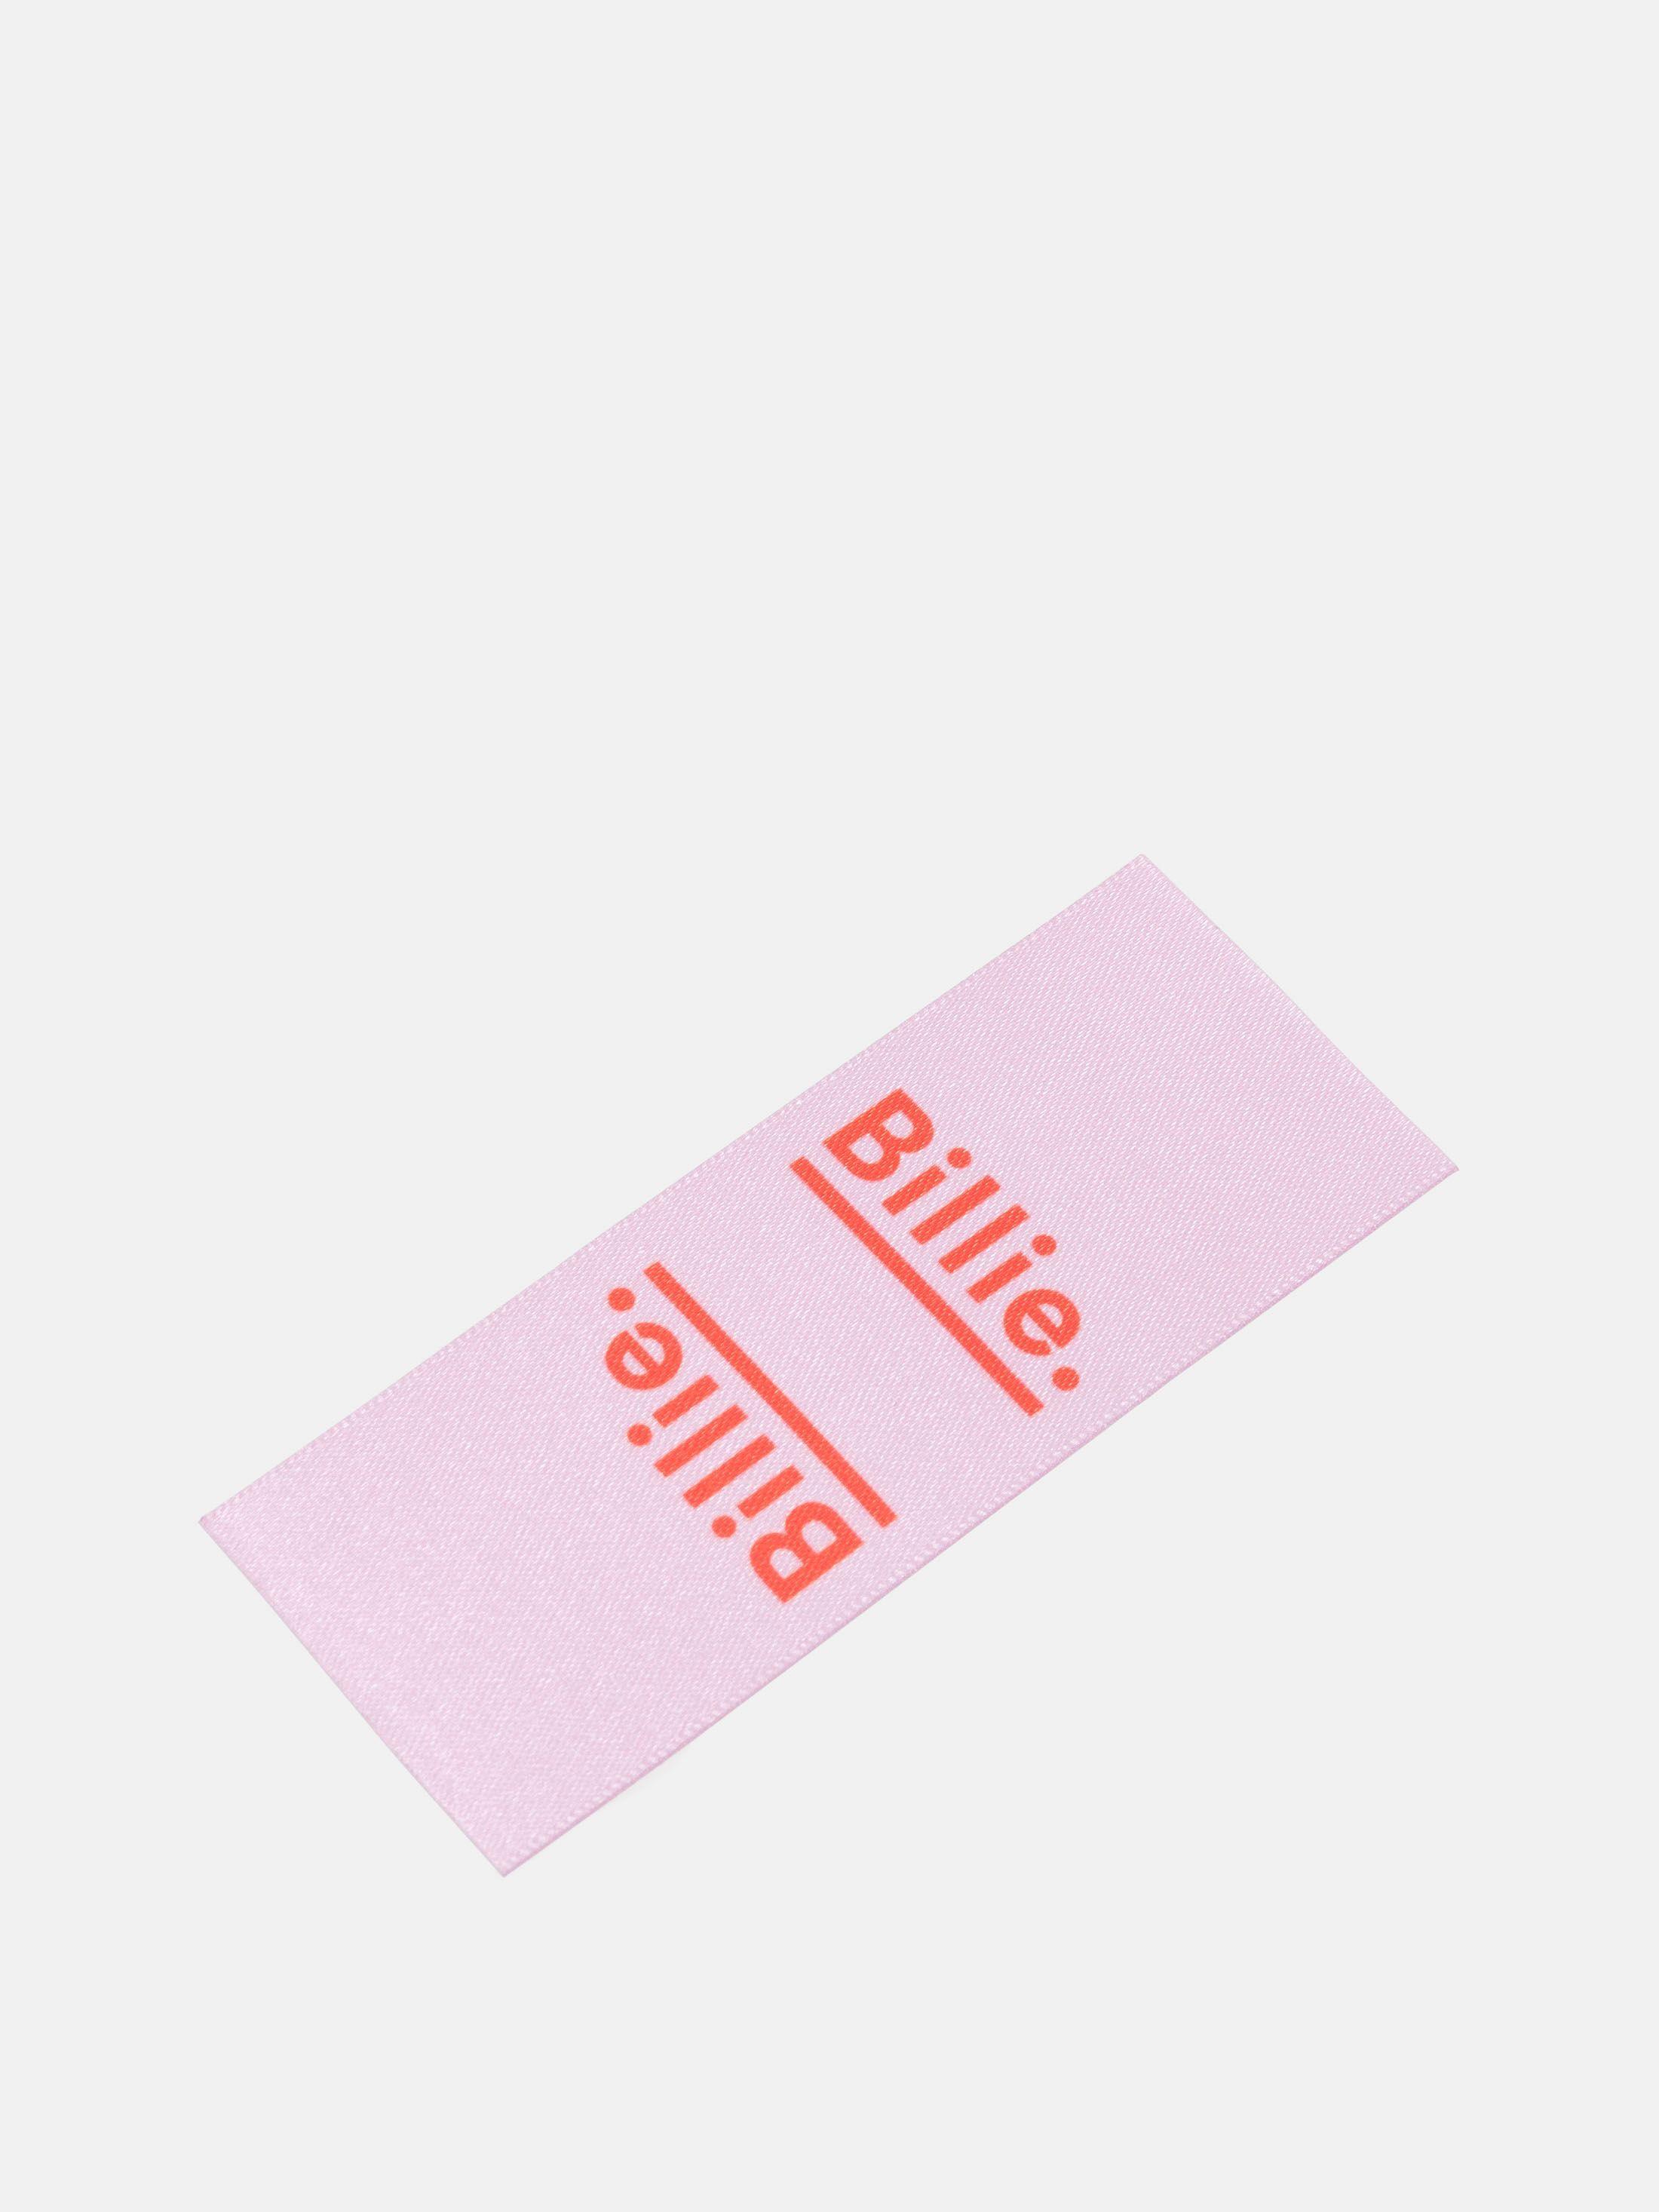 label für selbstgenähtes drucken